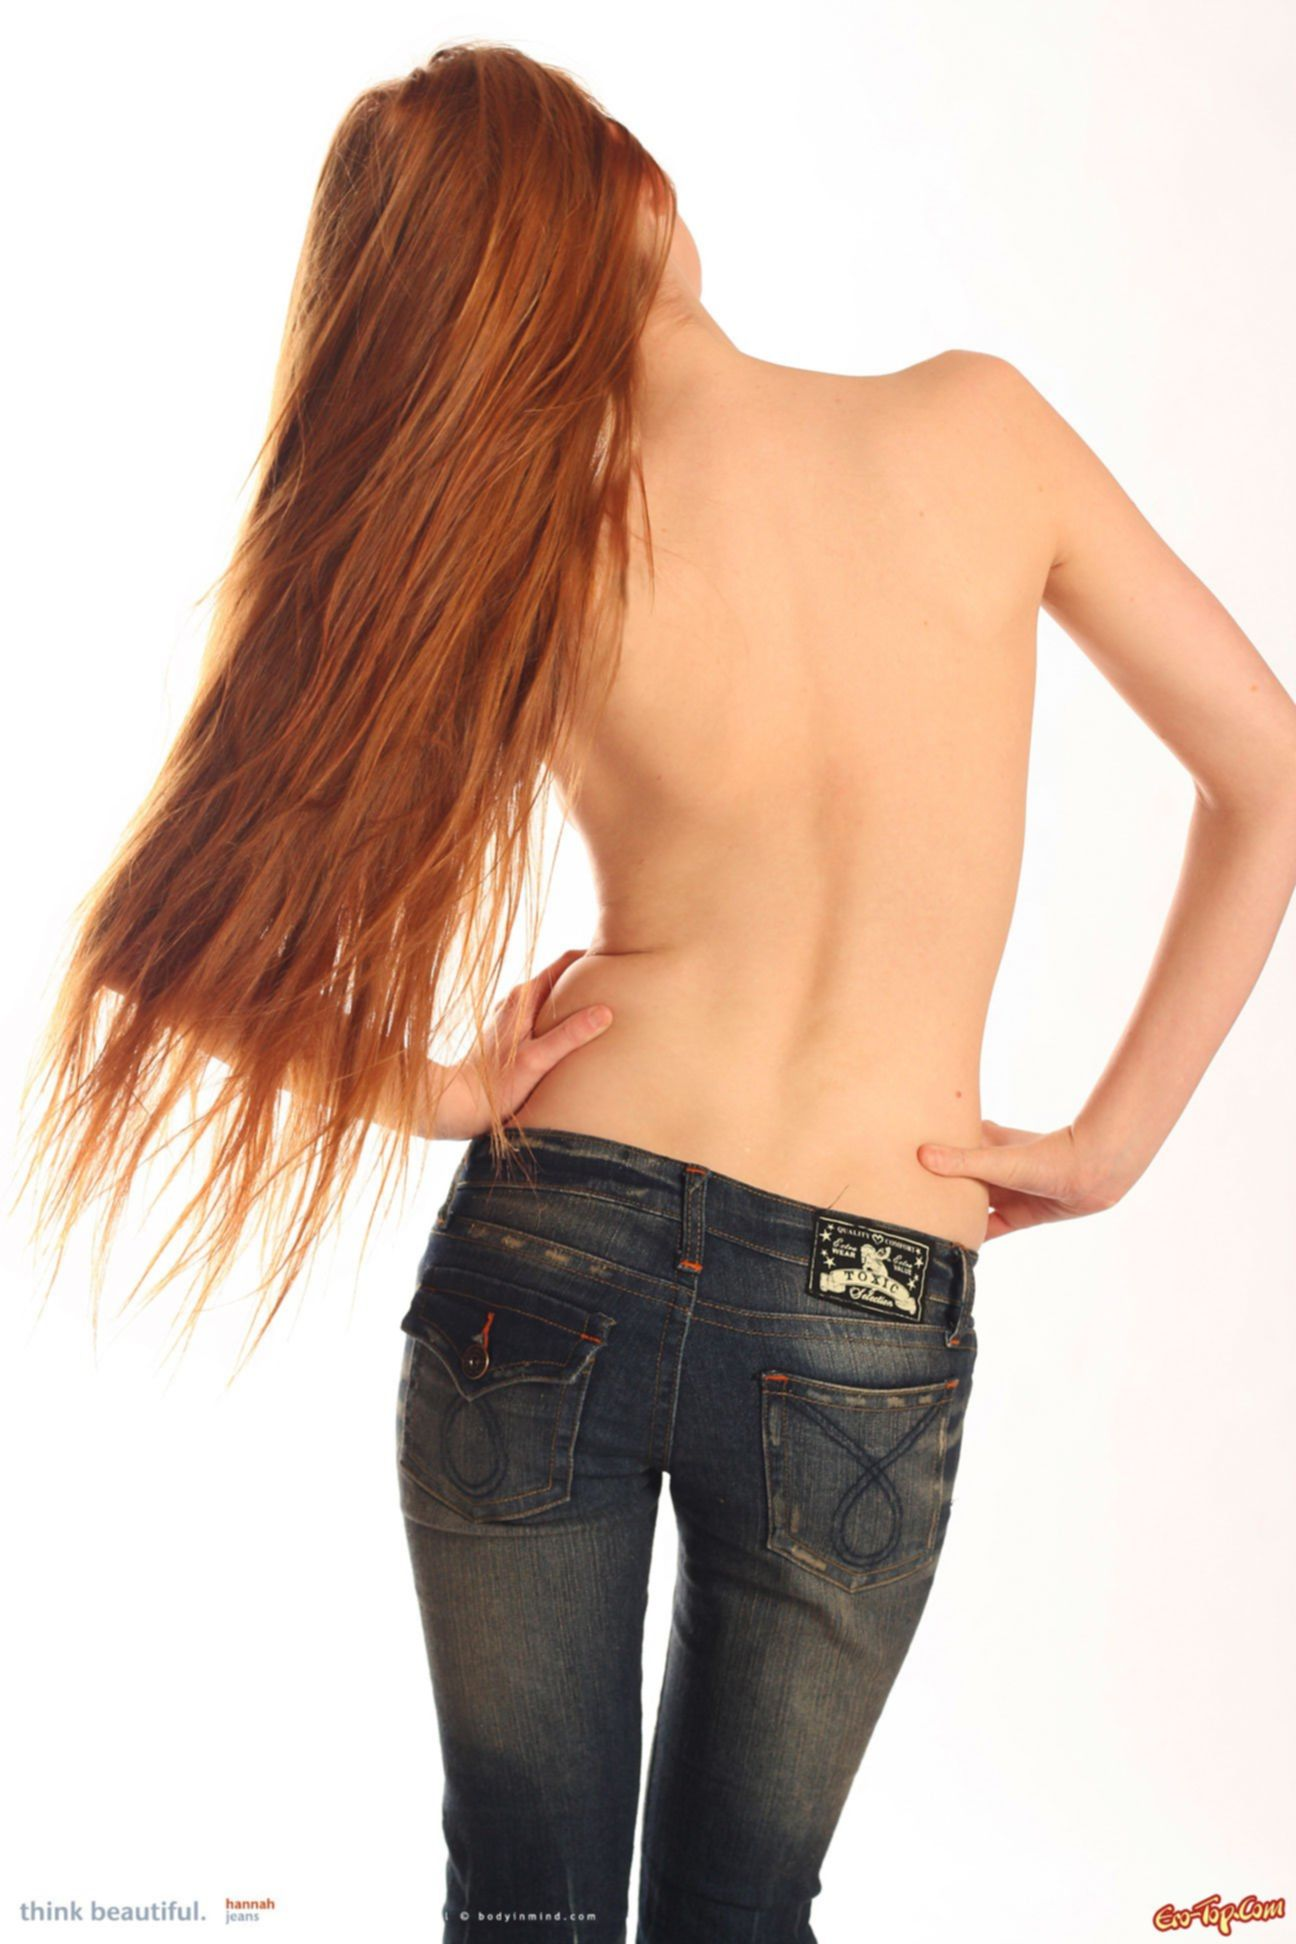 Рыжая Ханна в джинсах » Эротика. Смотреть фото красивых голых девушек бесплатно